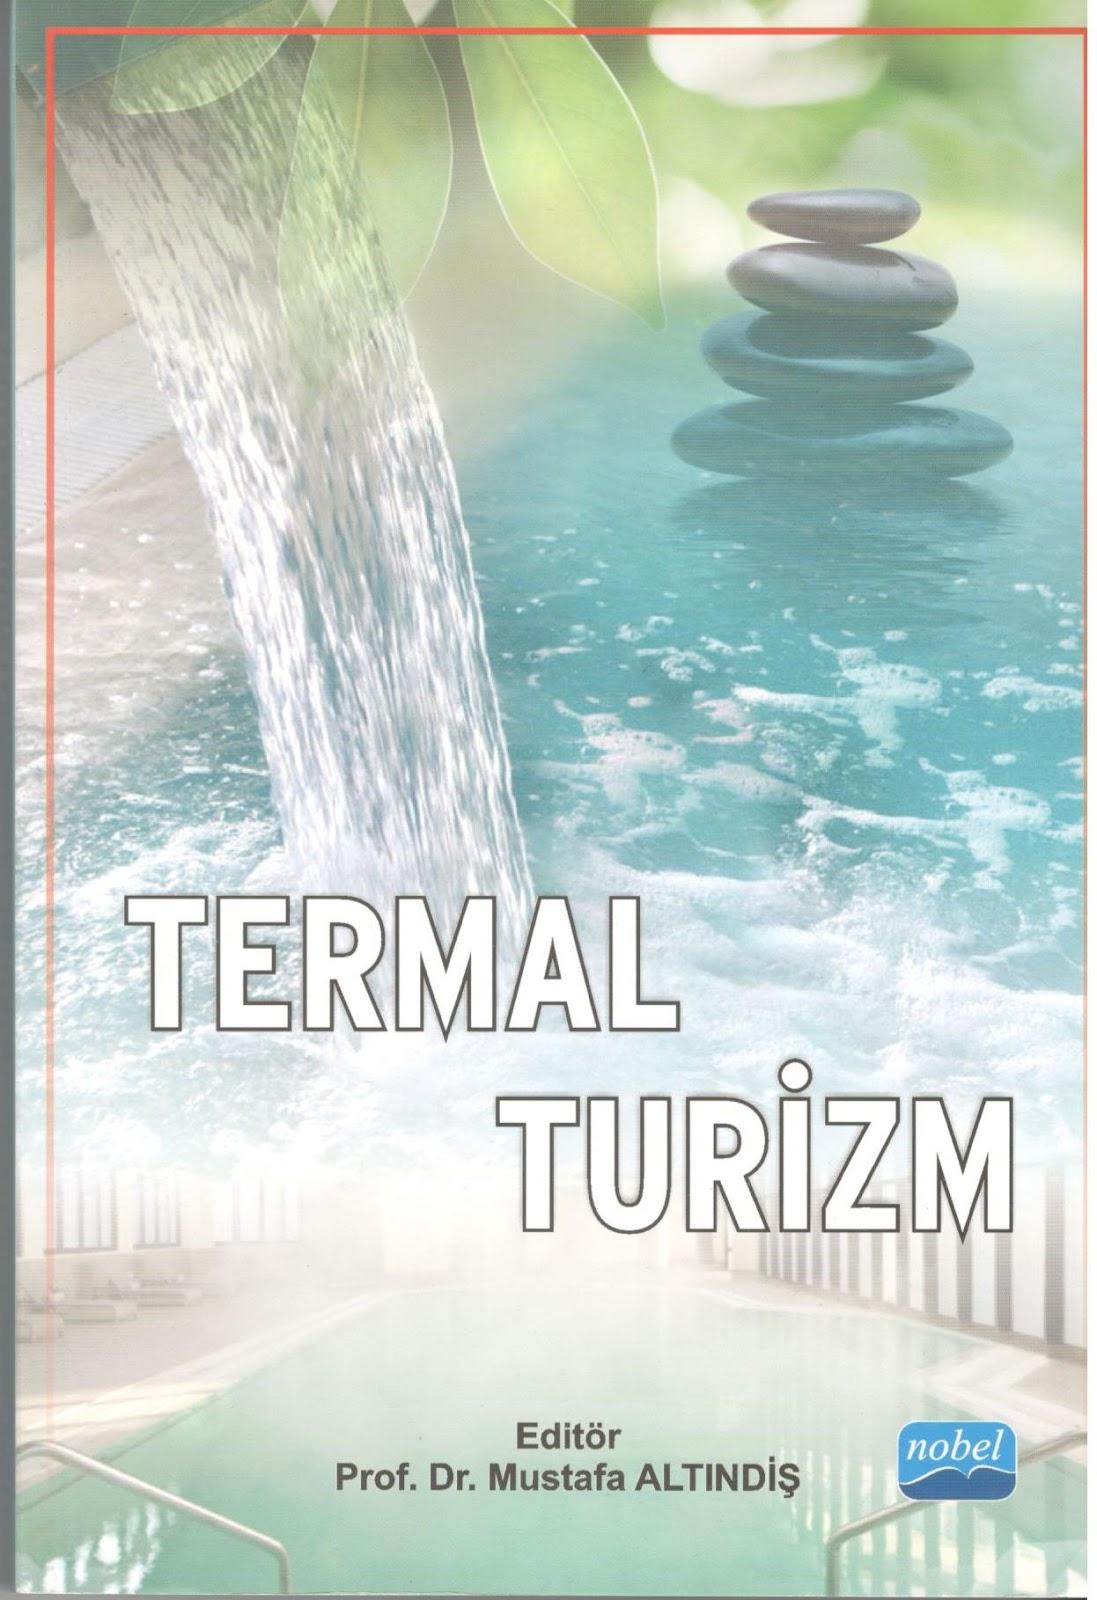 Termal sular nerelerde ve nasıl kullanılır